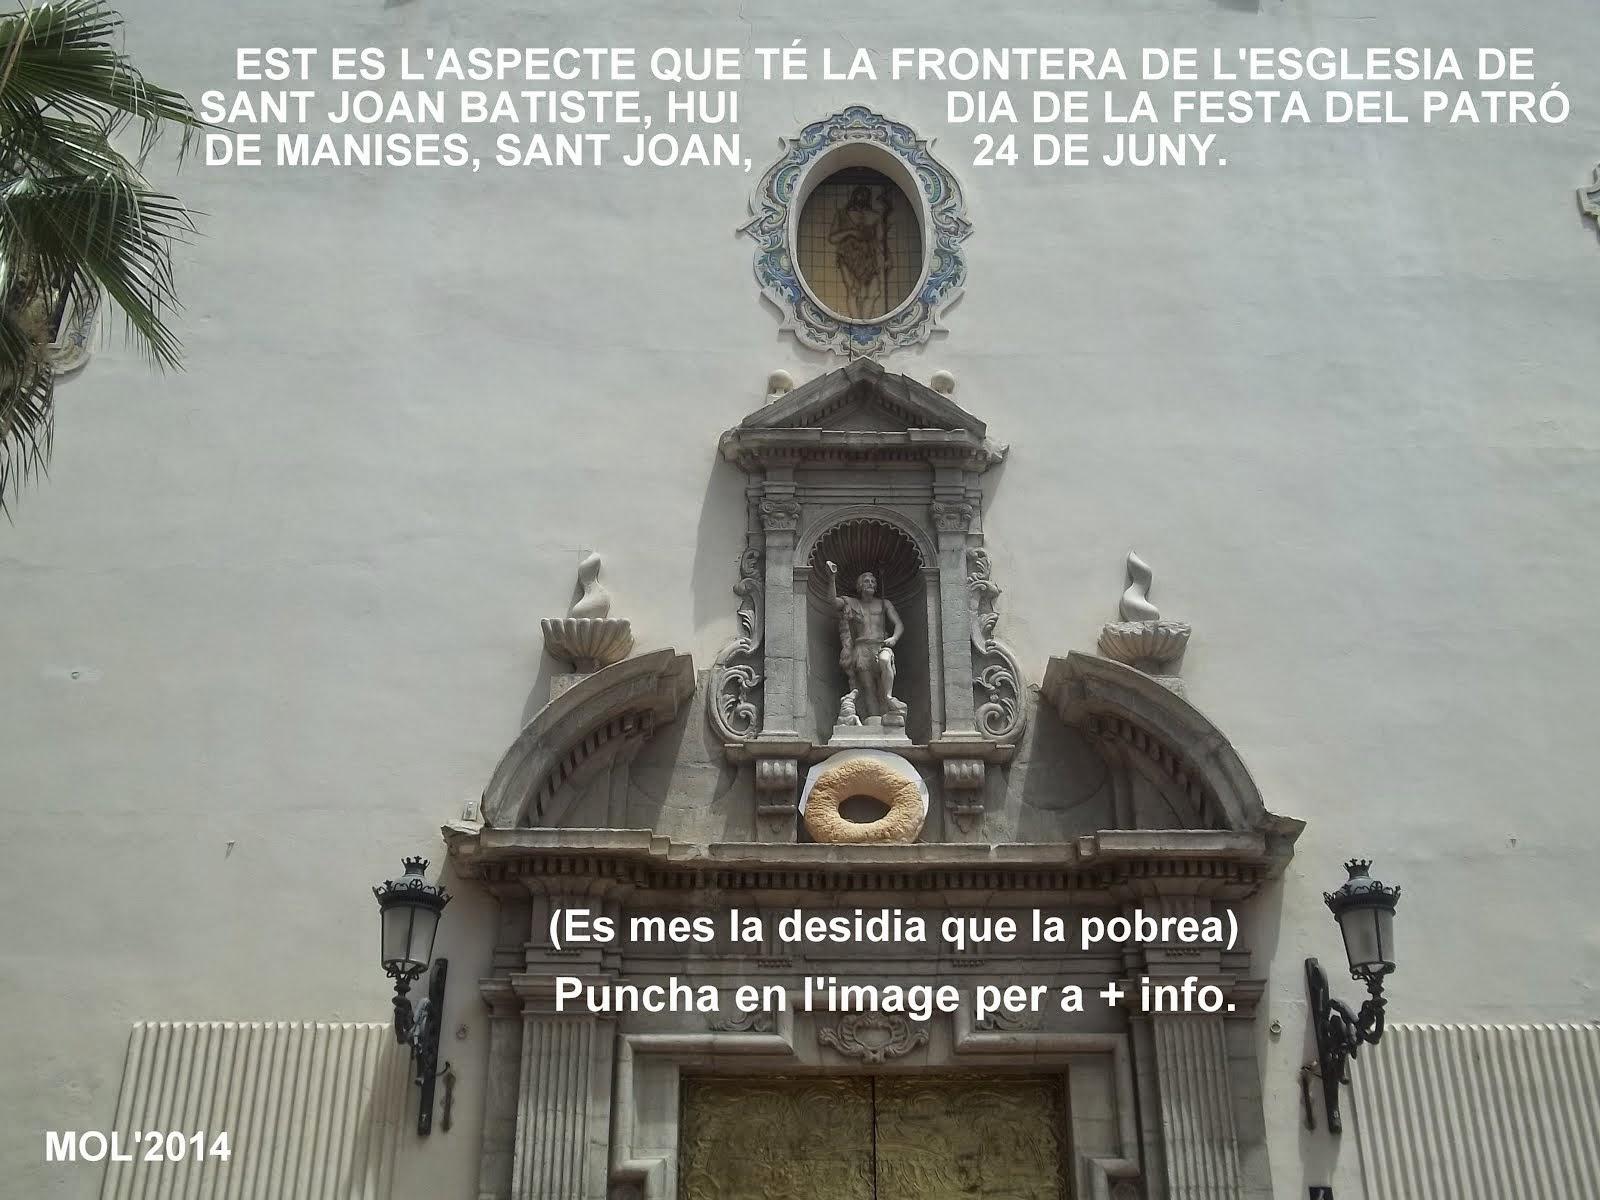 MARTES 24 DE JUNIO, FIESTA DE SAN JUAN BAUTISTA, PATRÓN DE MANISES.